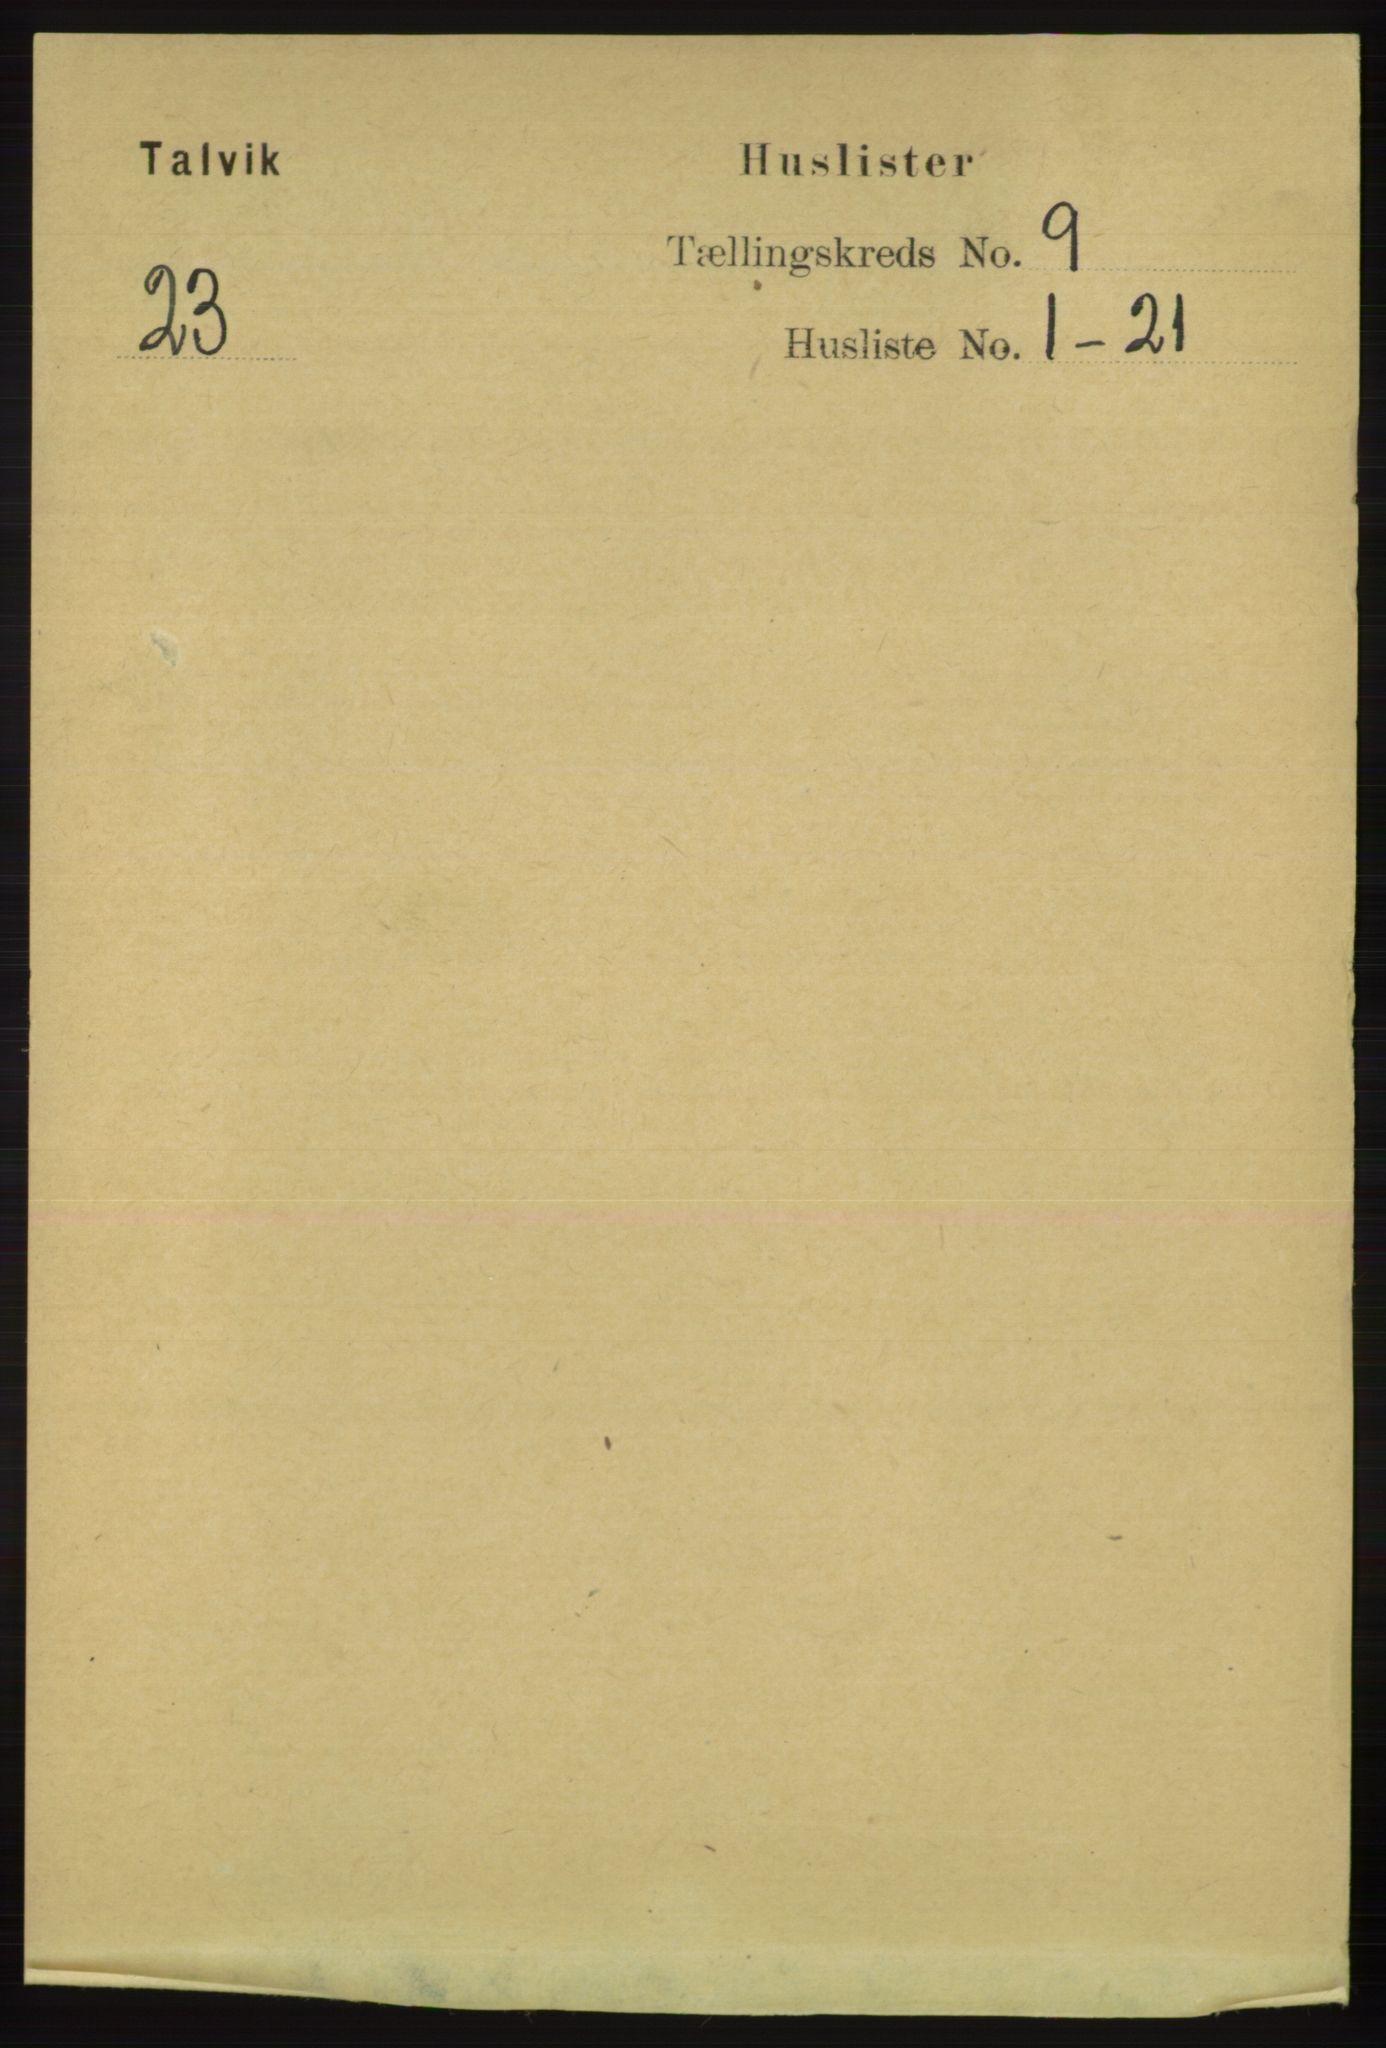 RA, Folketelling 1891 for 2013 Talvik herred, 1891, s. 2141